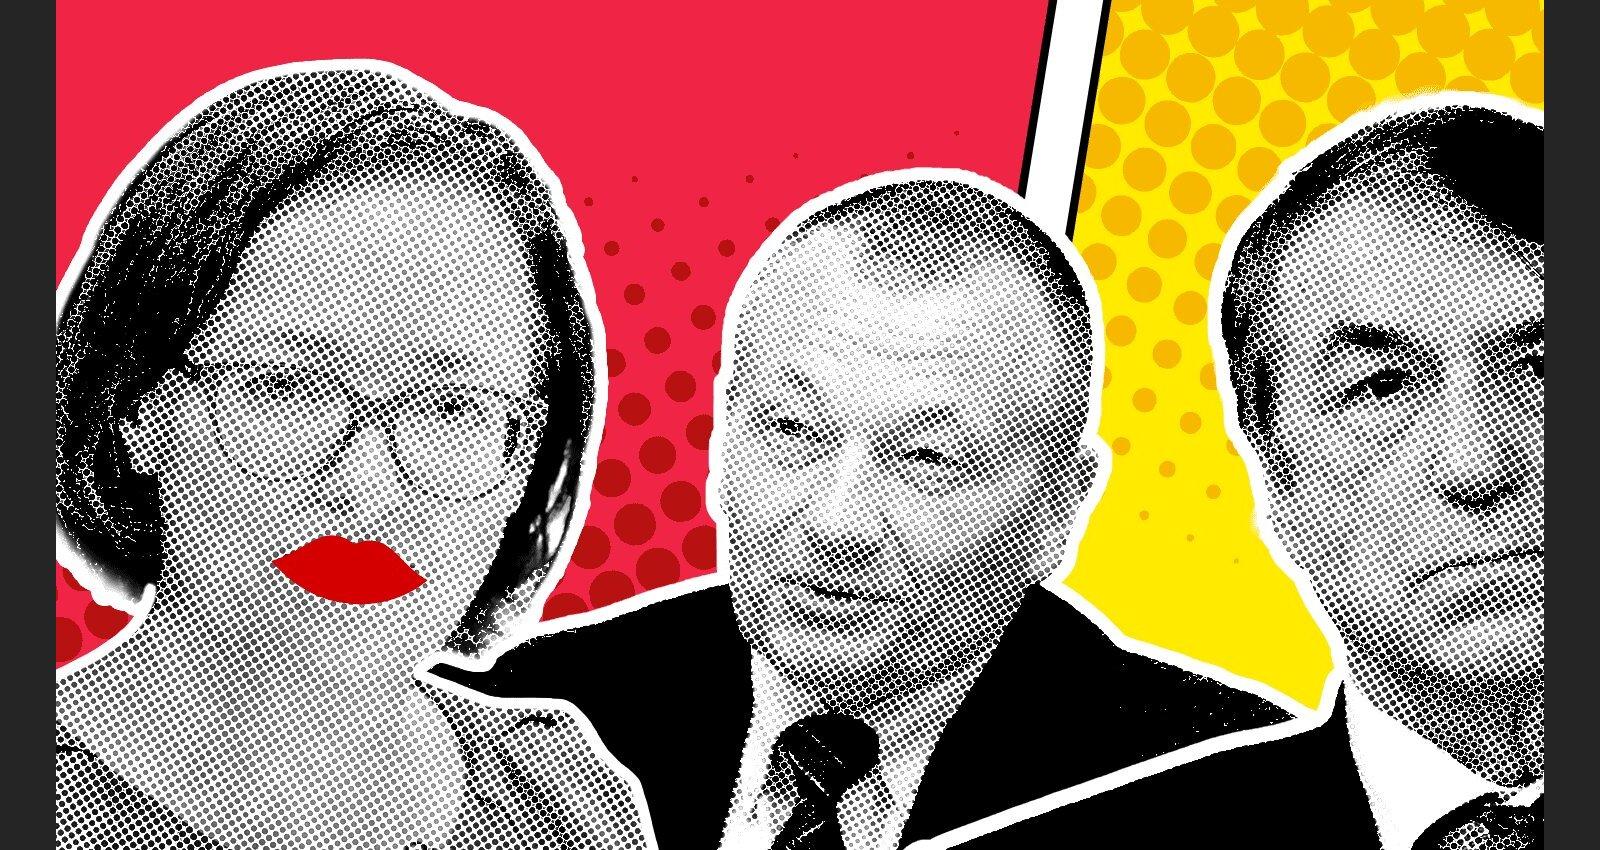 Особенности национальной науки: у Латвии — 18 своих формул, у Китая — ни одной!